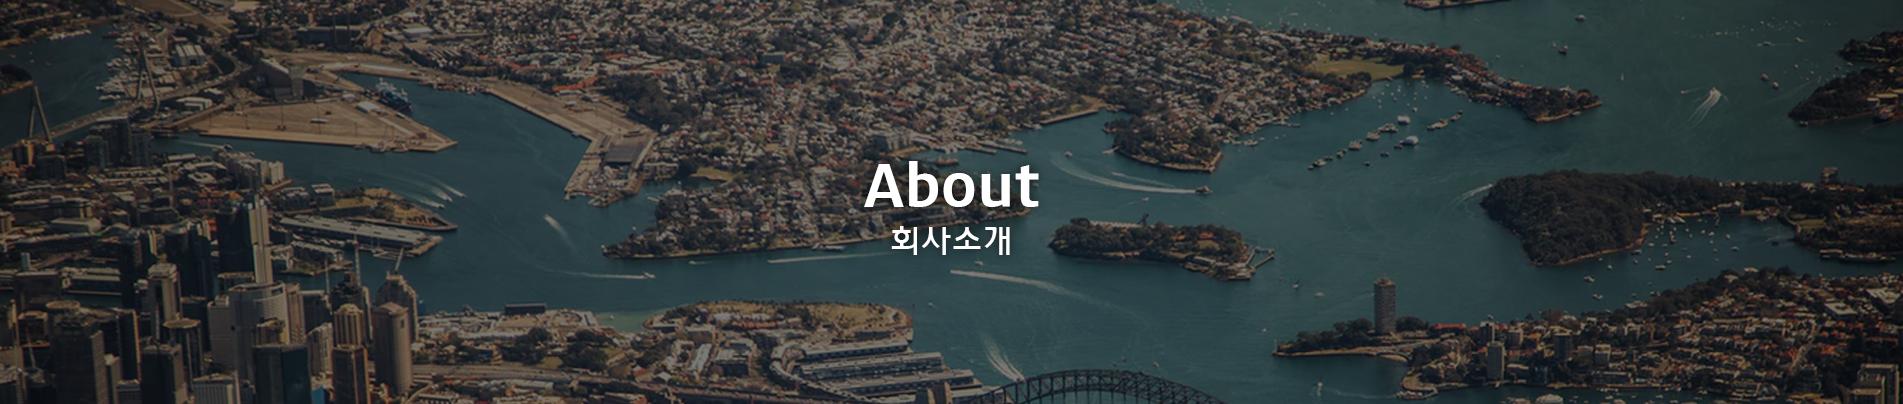 회사소개 상단타이틀 복사.png